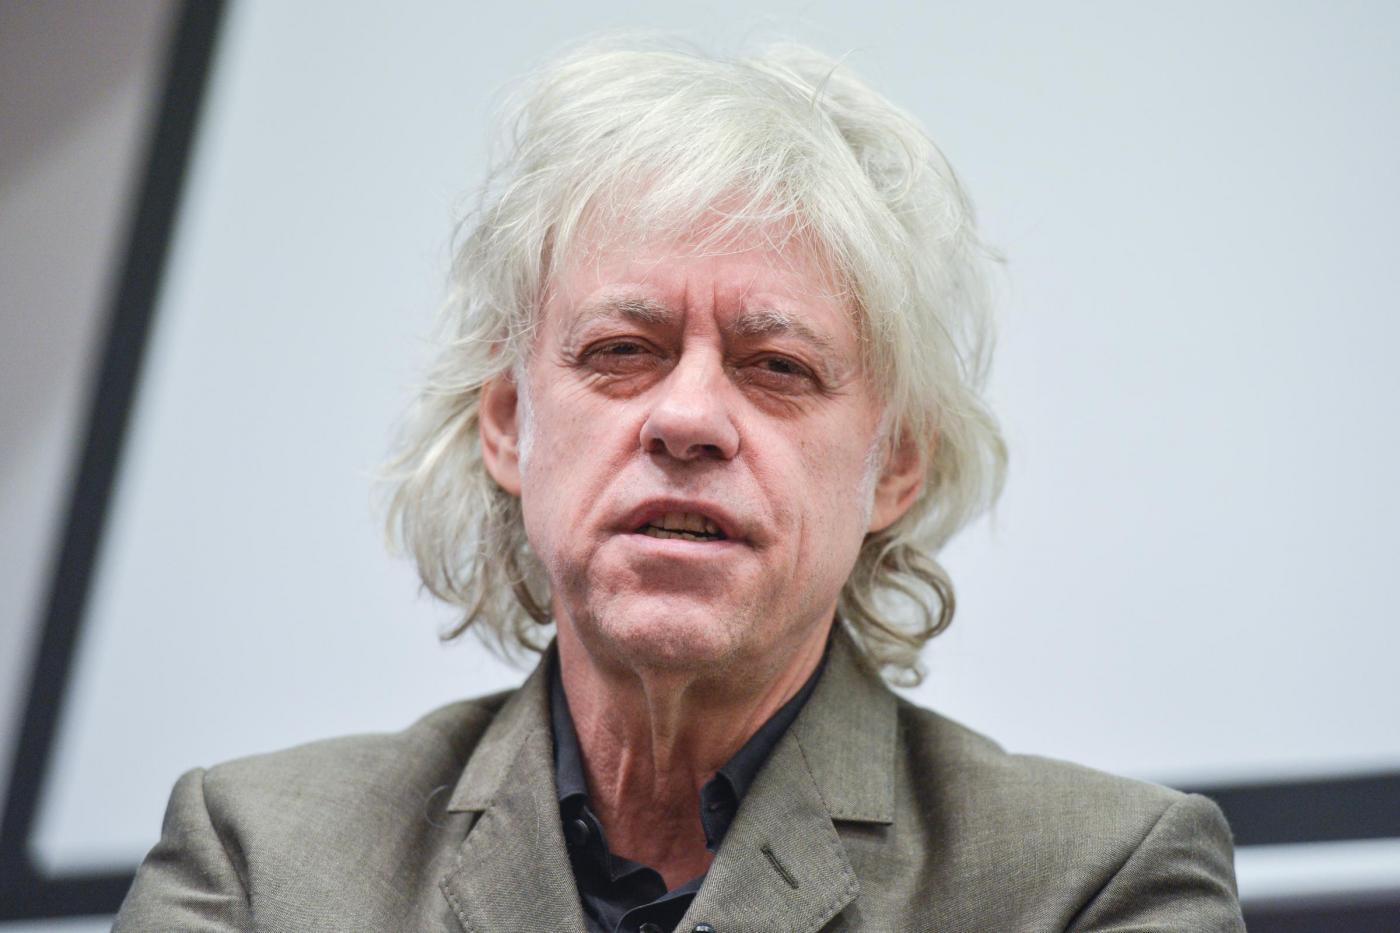 Bob Geldofincontra gli studenti a Dublino